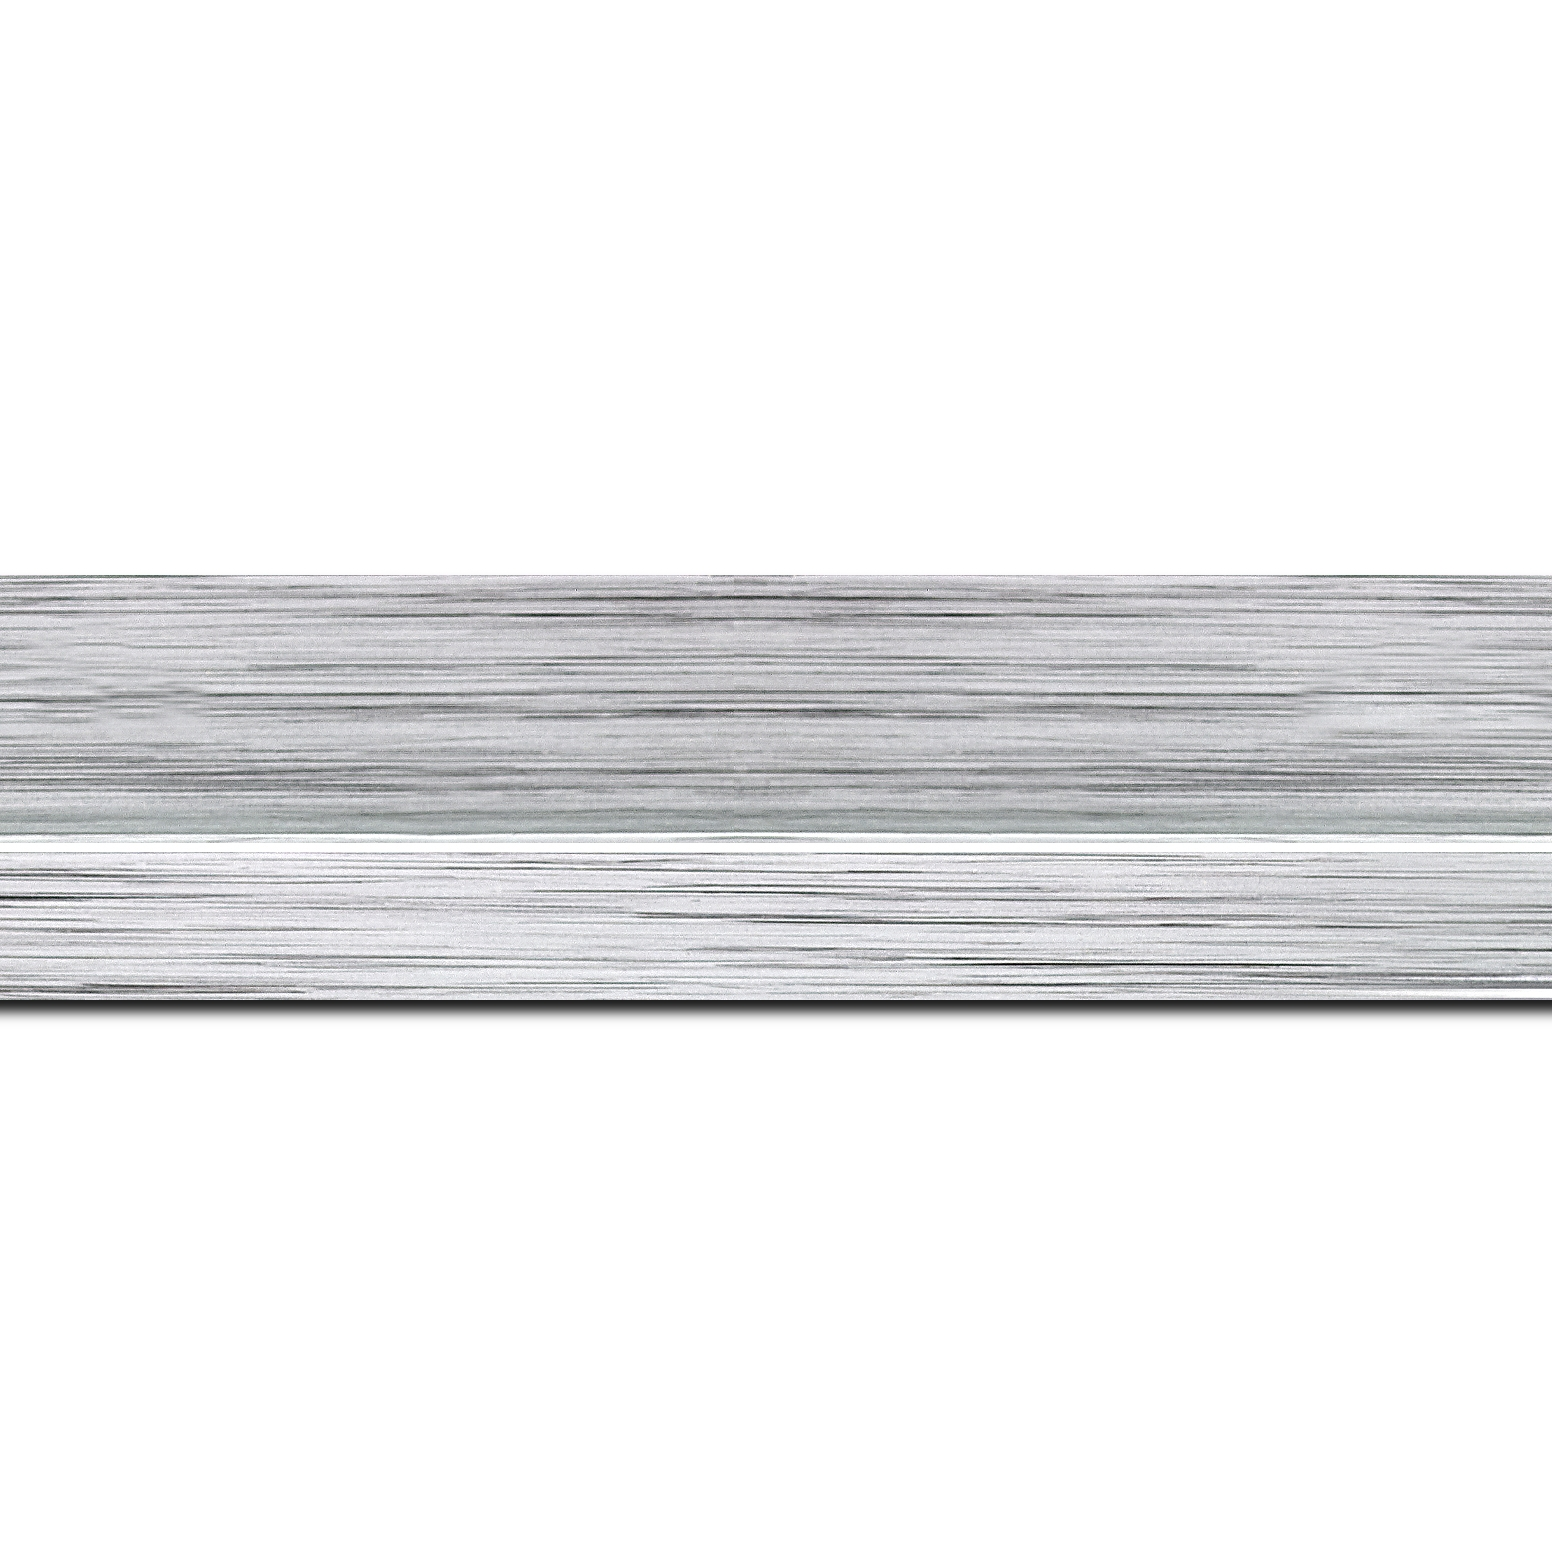 Pack par 12m, bois profil plat largeur 4.5cm couleur argent nez argent (longueur baguette pouvant varier entre 2.40m et 3m selon arrivage des bois)